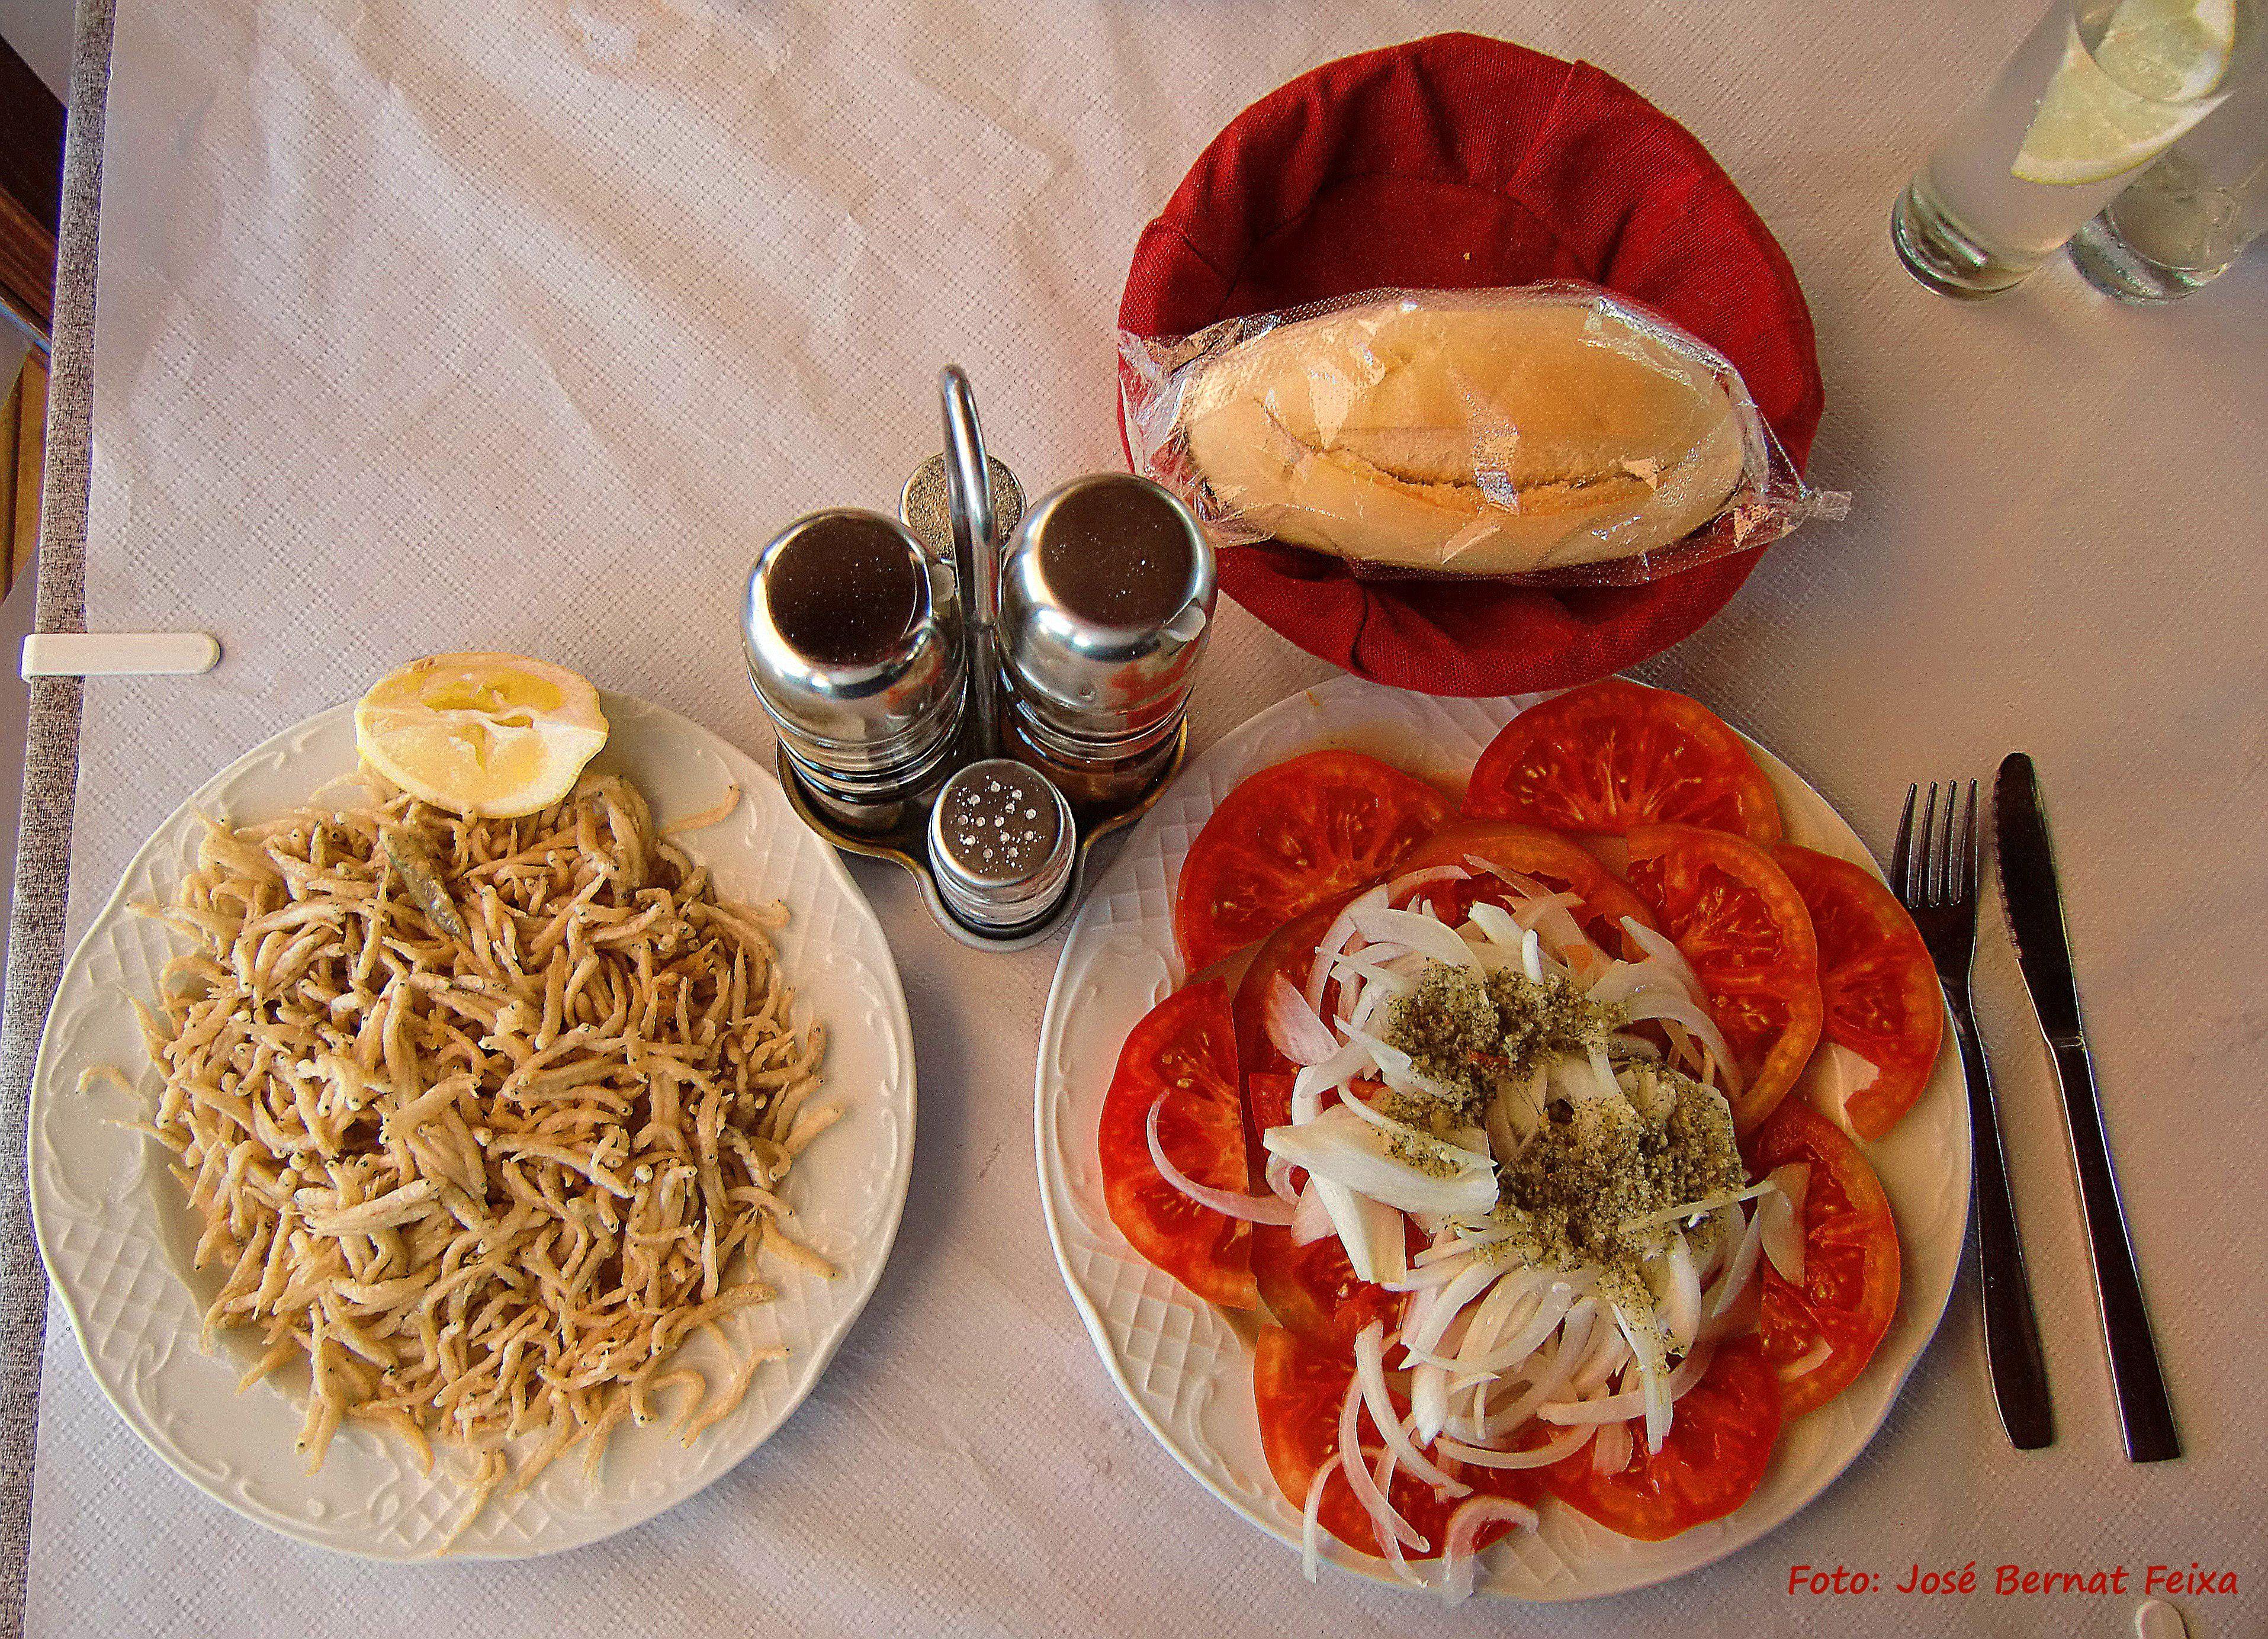 Kleine visjes, tomatensla, Torrox Costa, Spanje